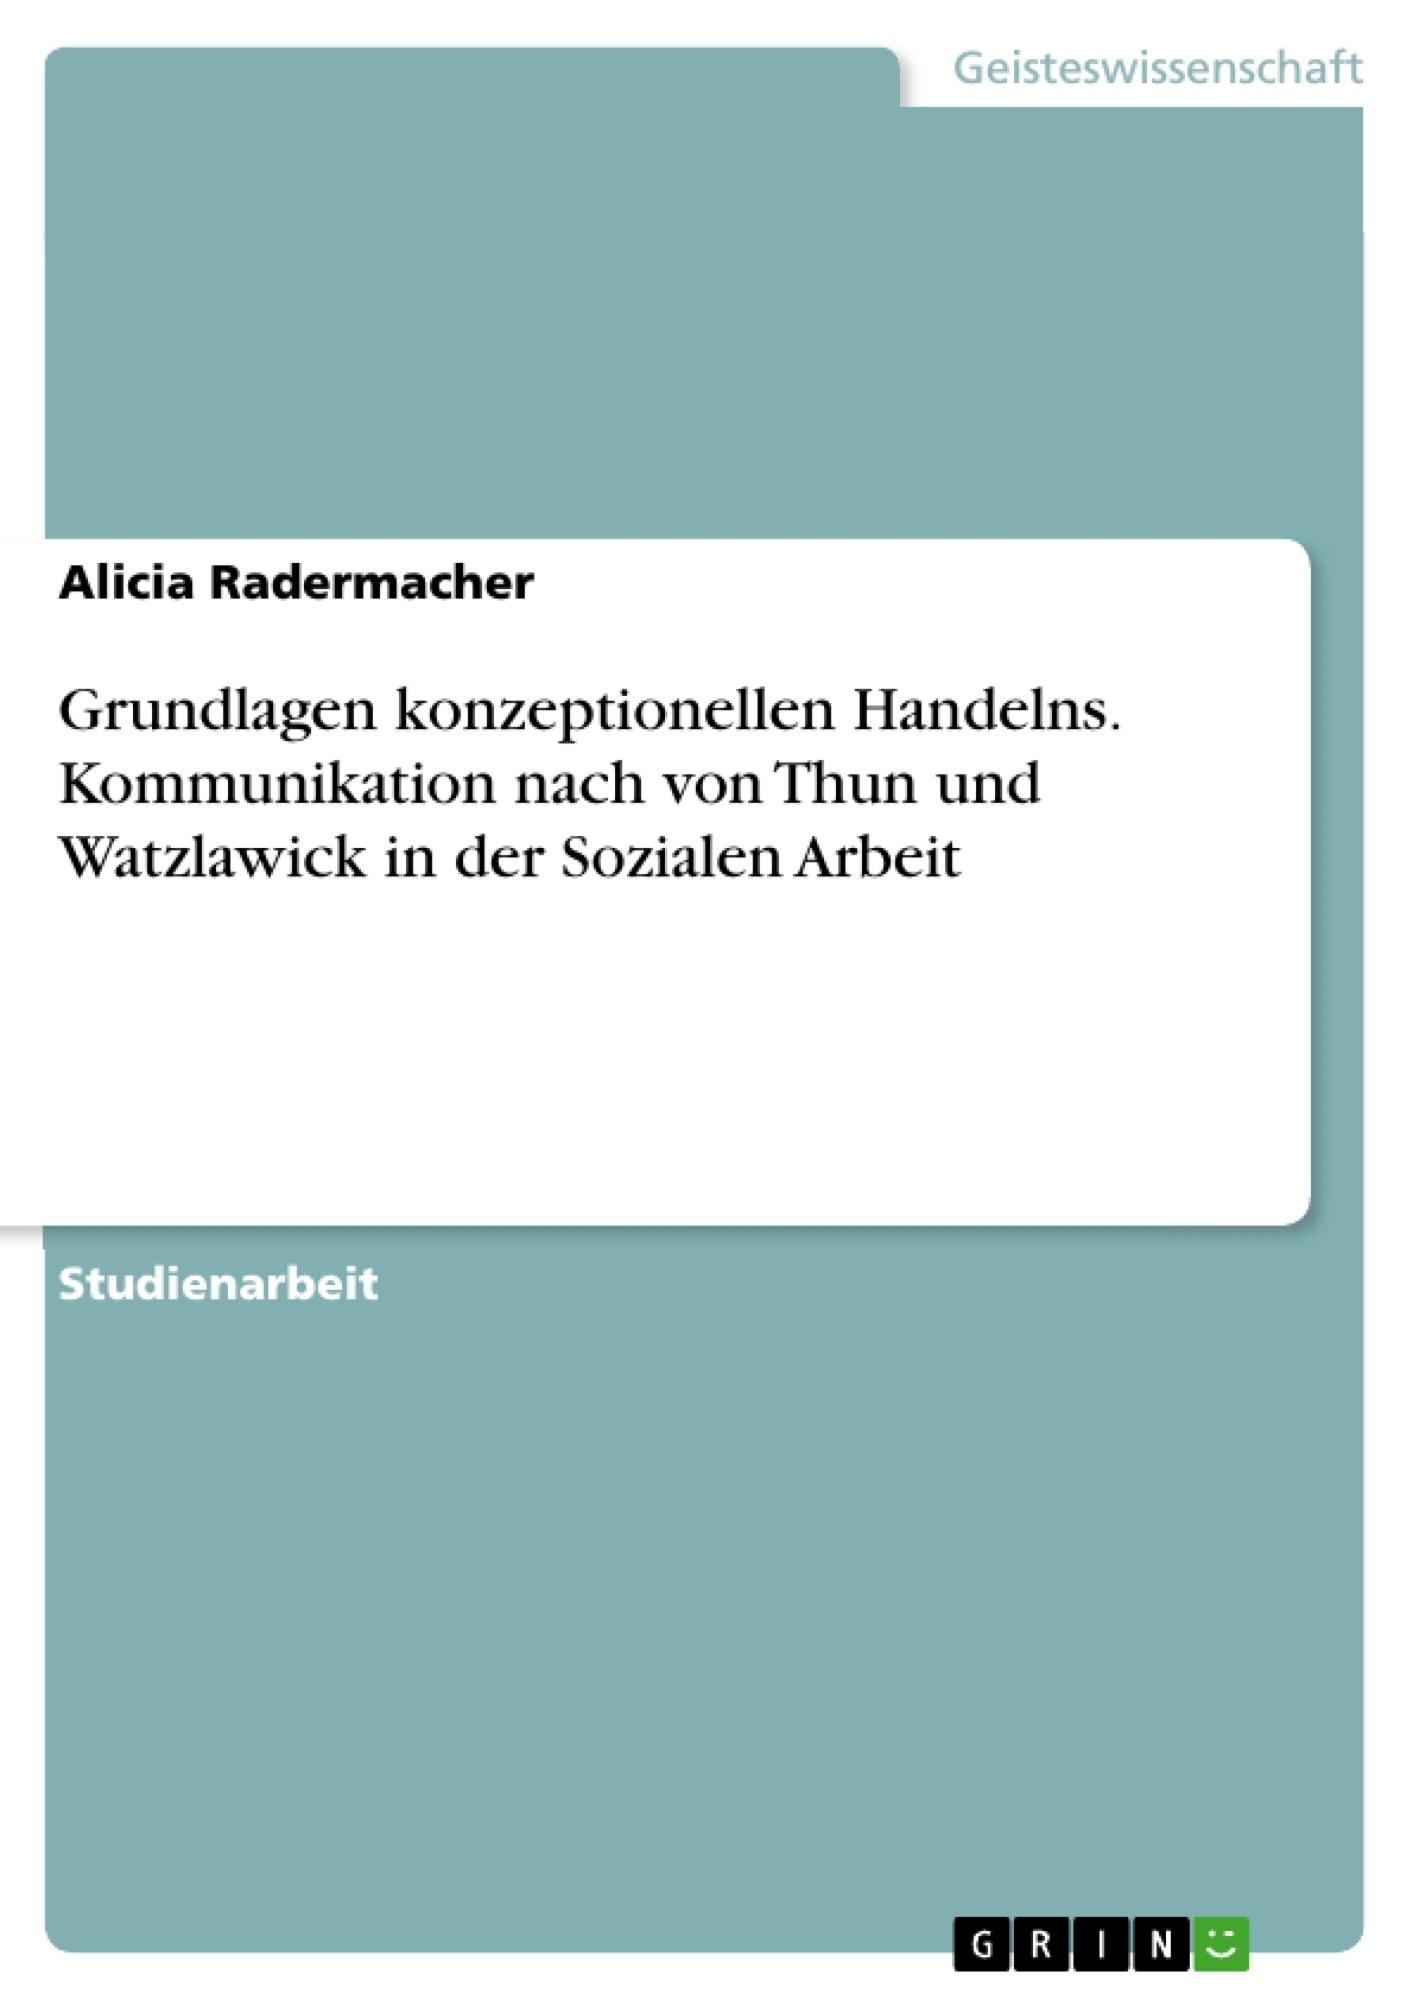 Titel: Grundlagen konzeptionellen Handelns. Kommunikation nach von Thun und Watzlawick in der Sozialen Arbeit